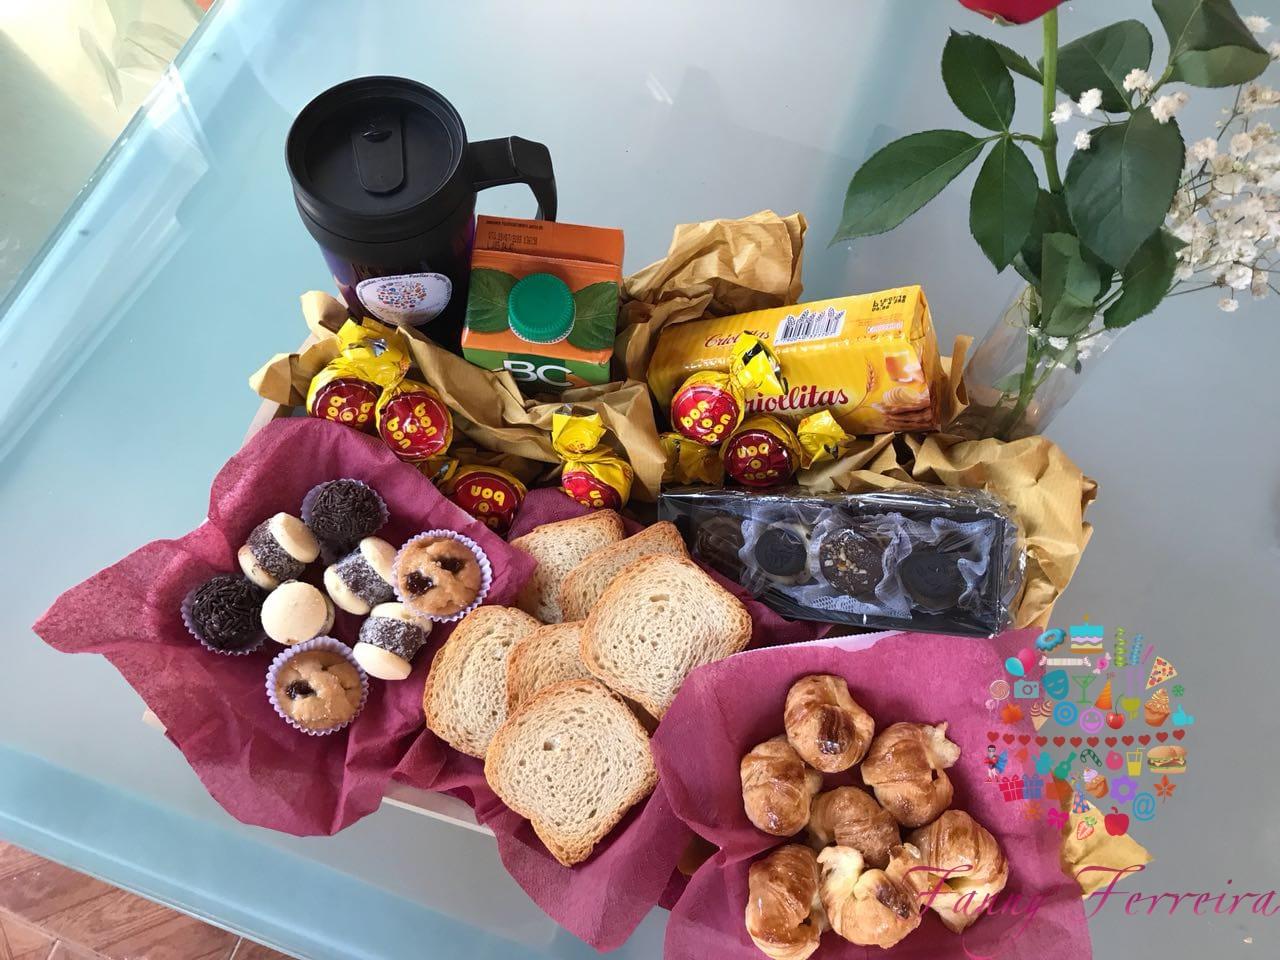 Canastas de desayuno y regalos empresariales